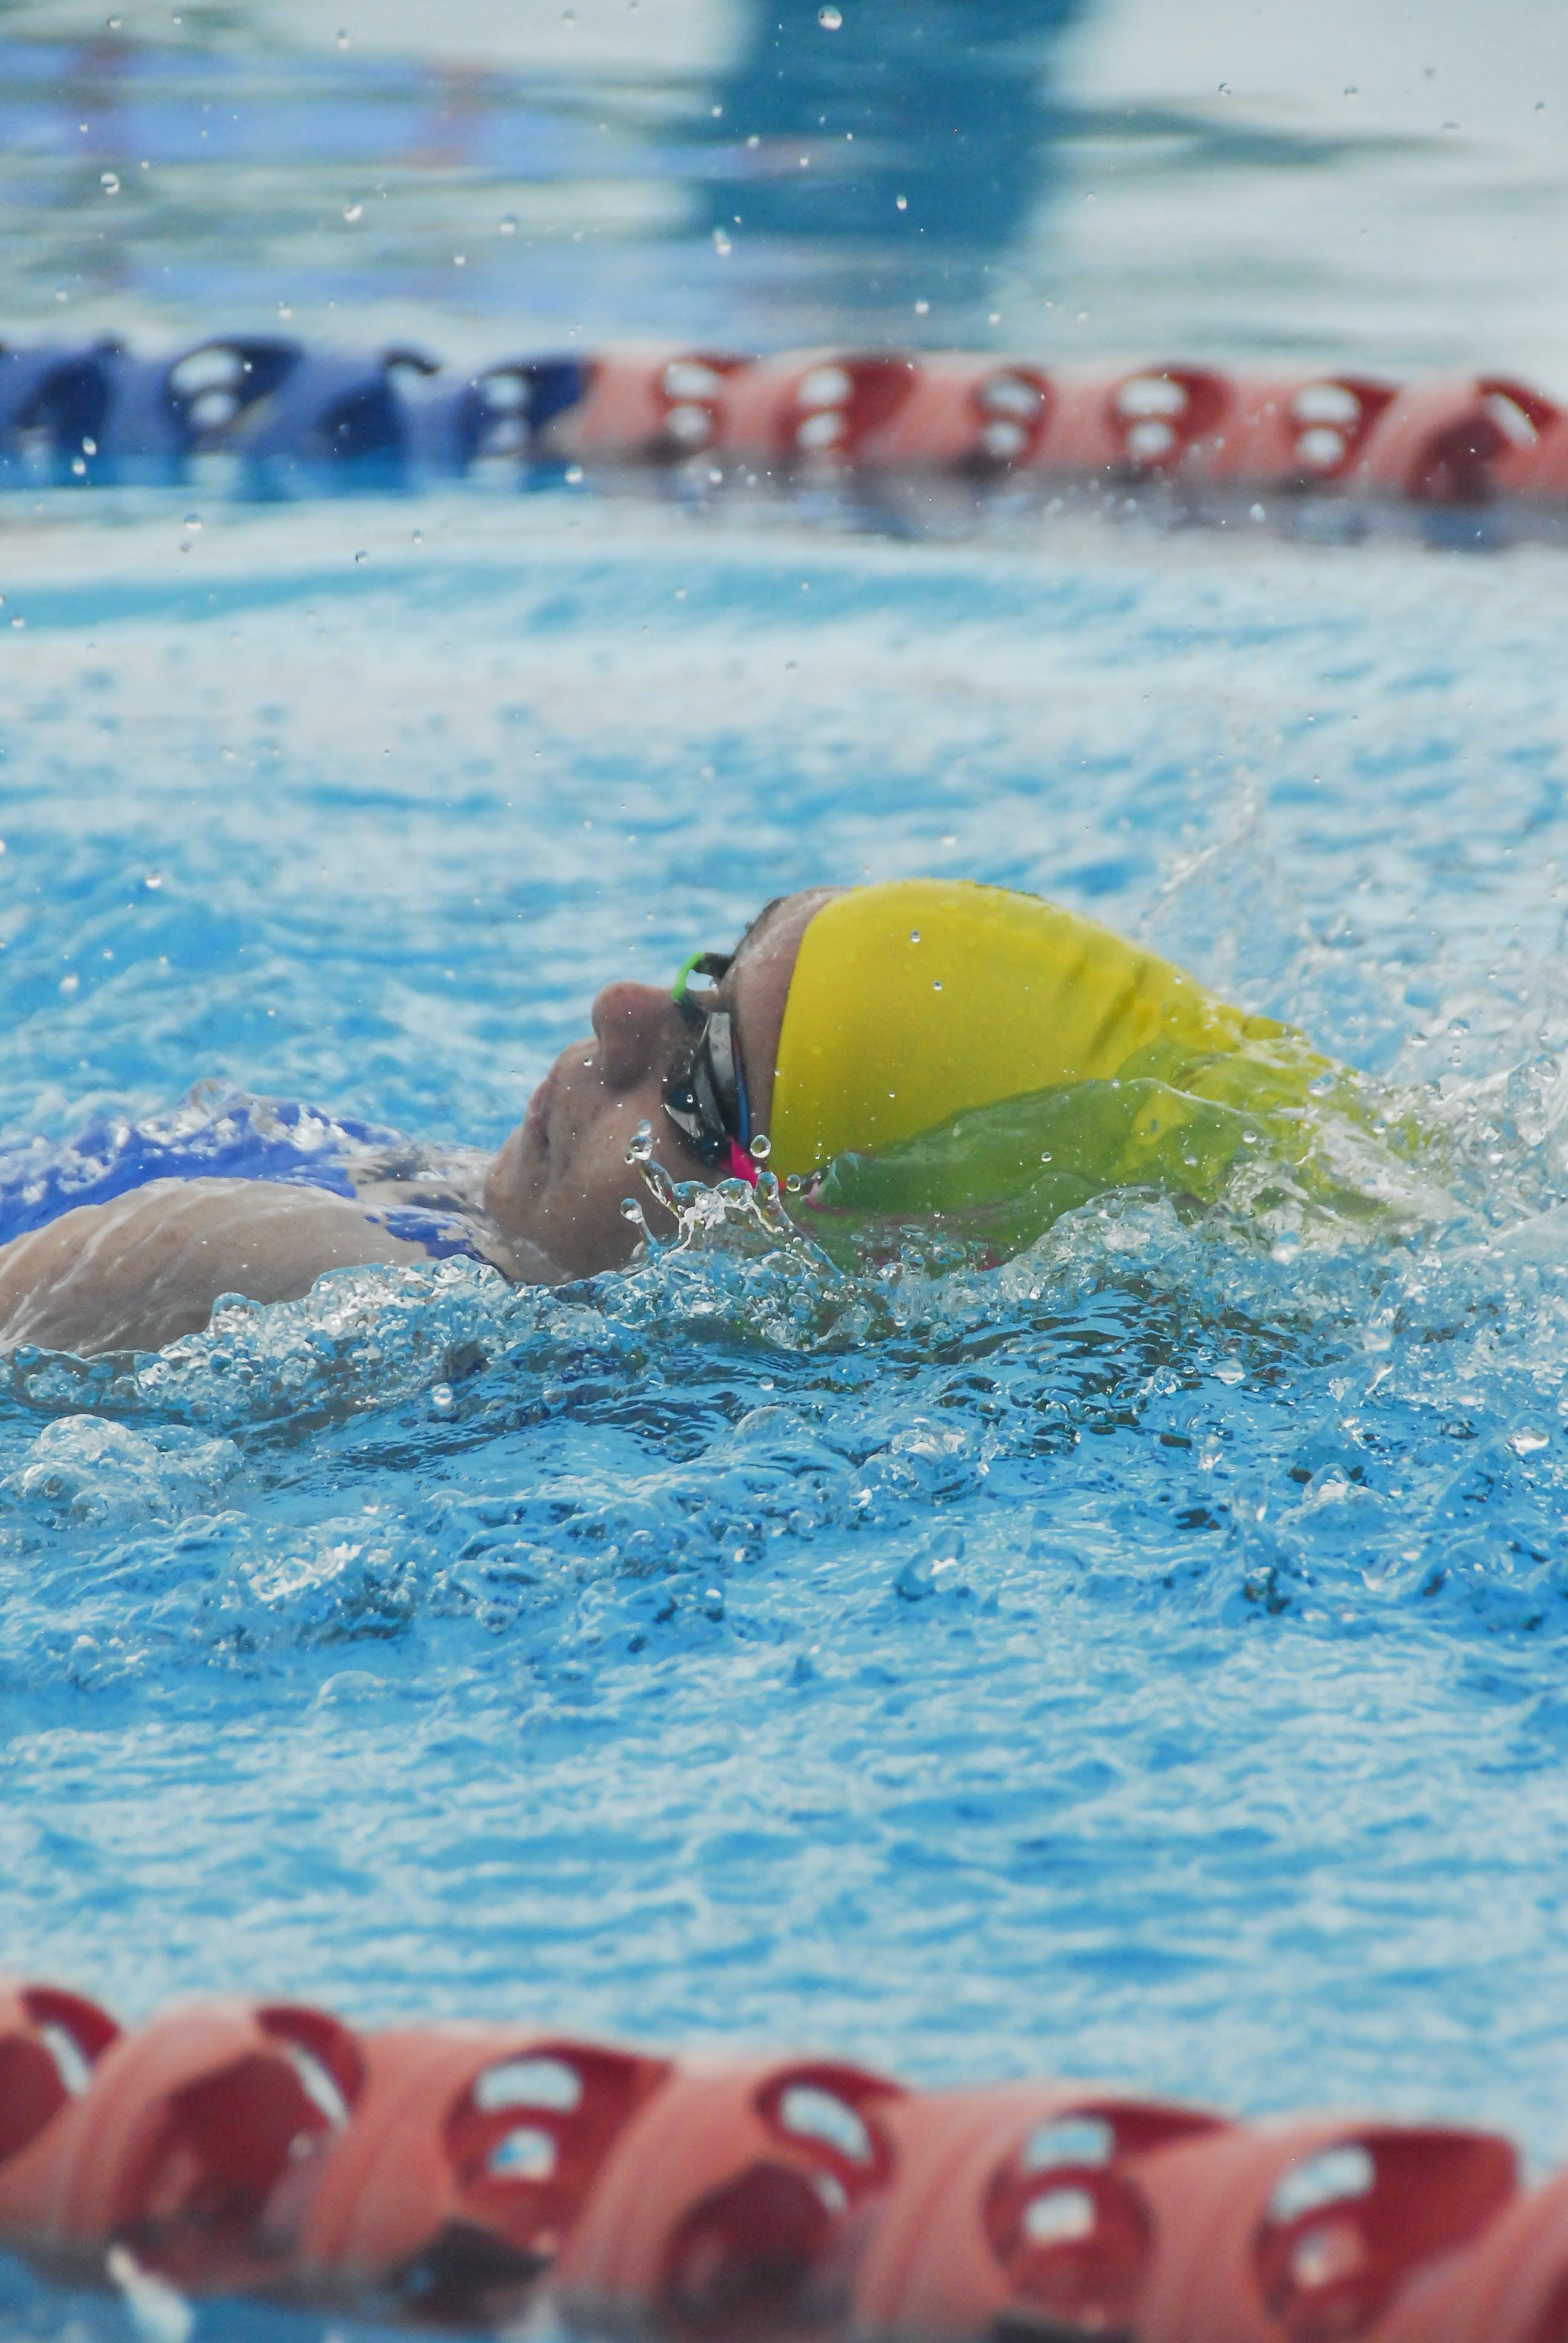 Kostenloses Stock Foto zu athlet, baden, badeort, brille